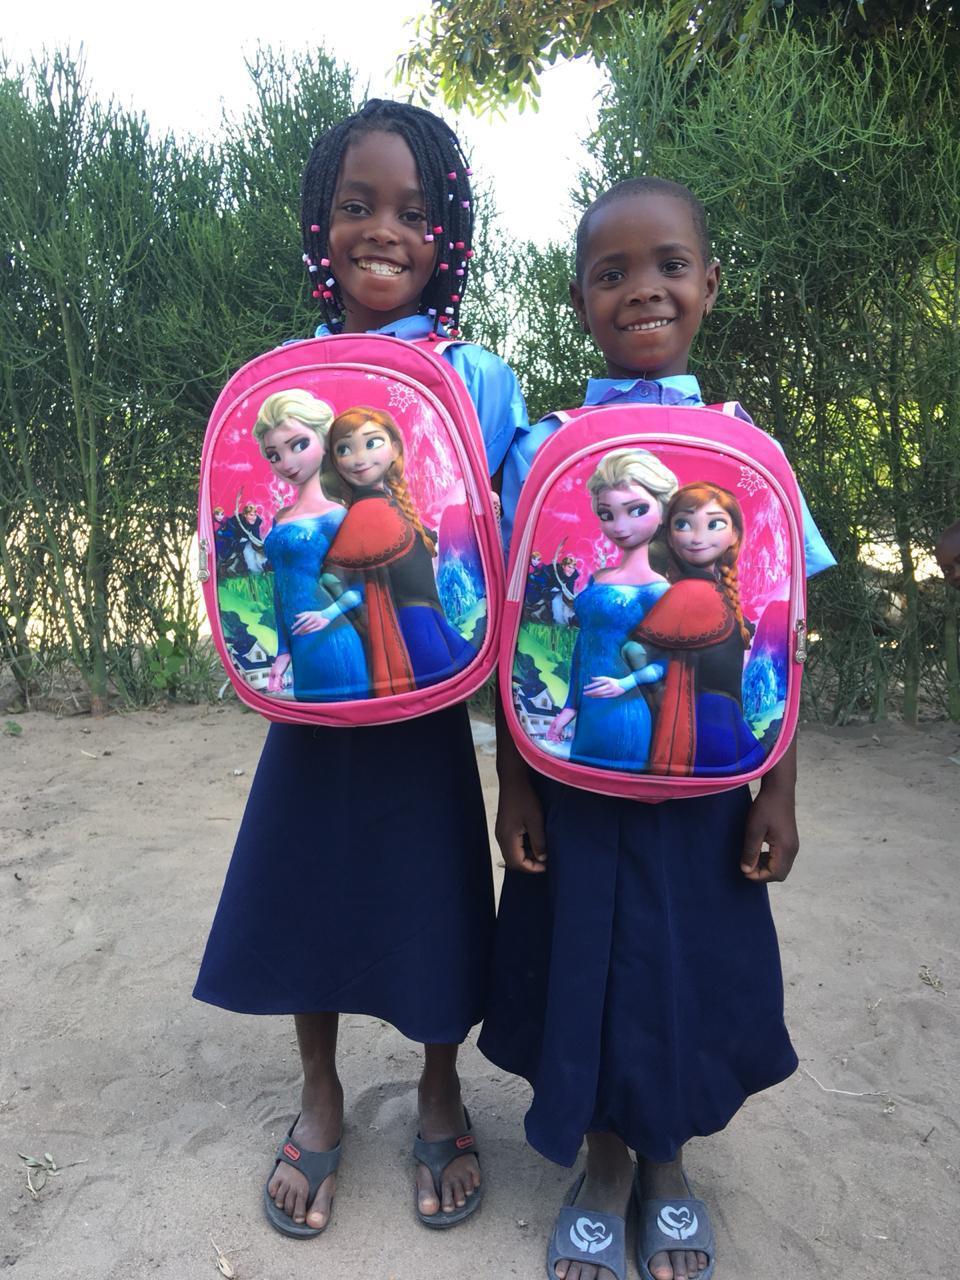 kurandza-girls-first-day-of-school-13.jpeg